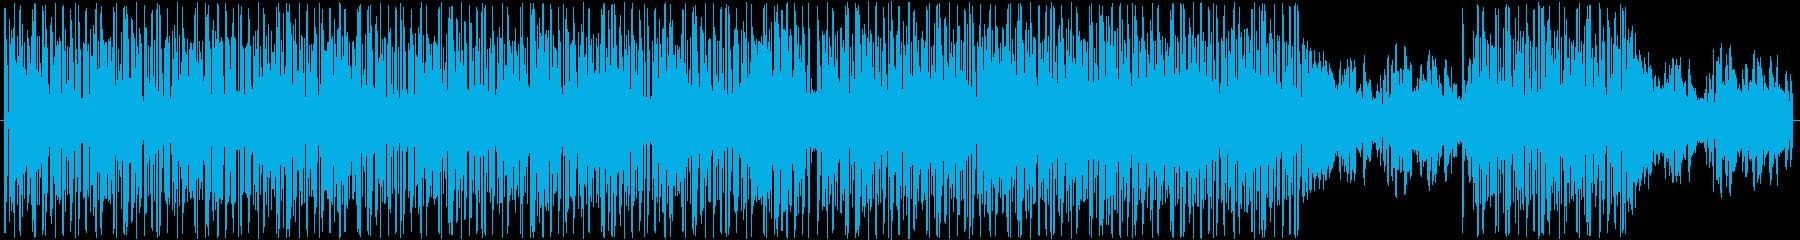 かわいくておしゃれなエレクトロ調ボーカルの再生済みの波形